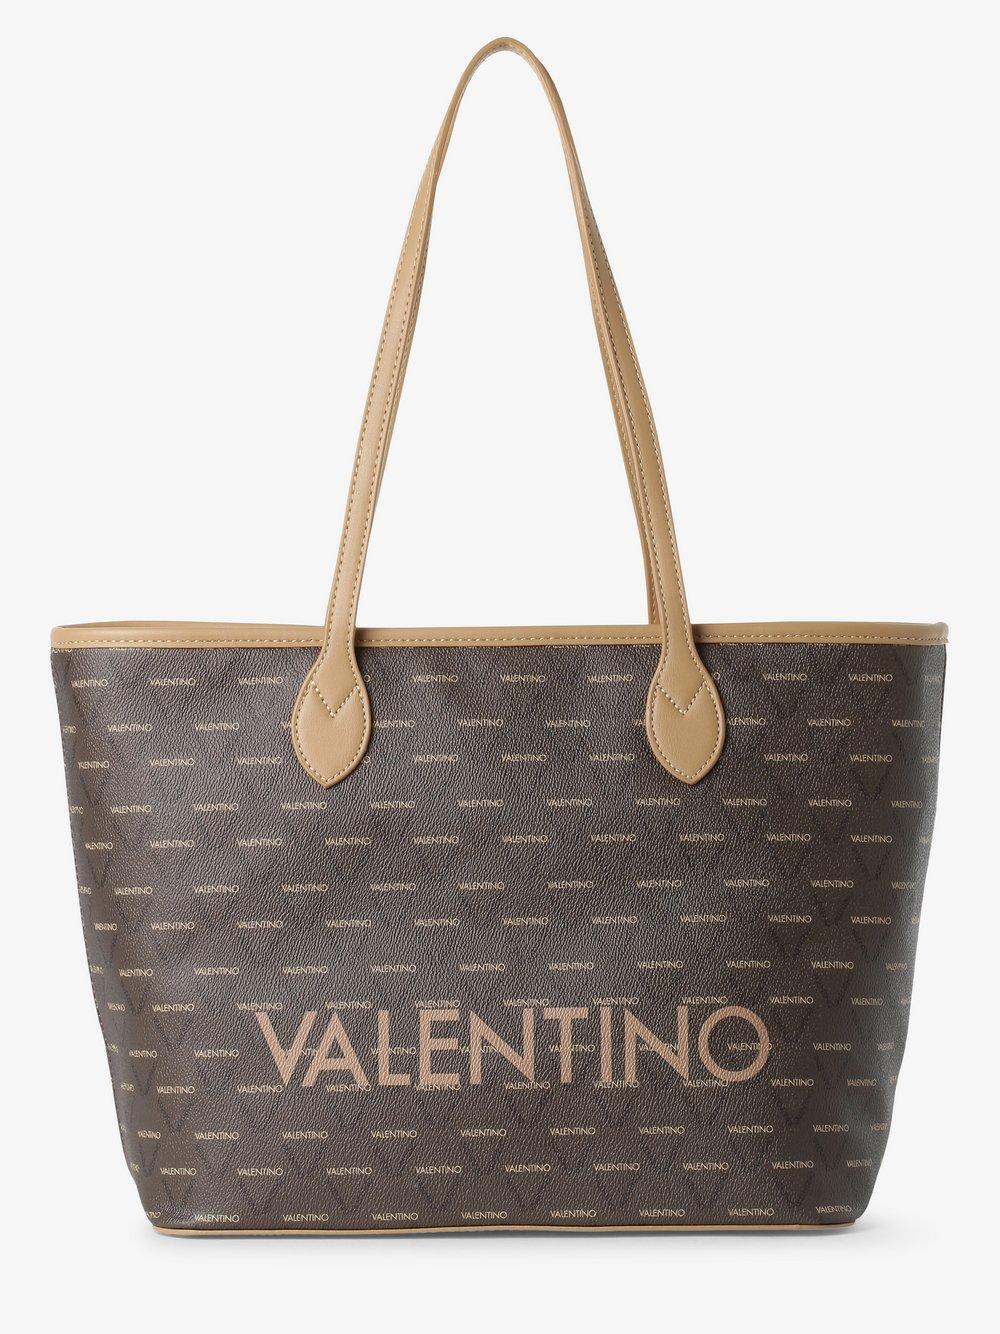 VALENTINO HANDBAGS - Damska torba shopper – Liuto, brązowy